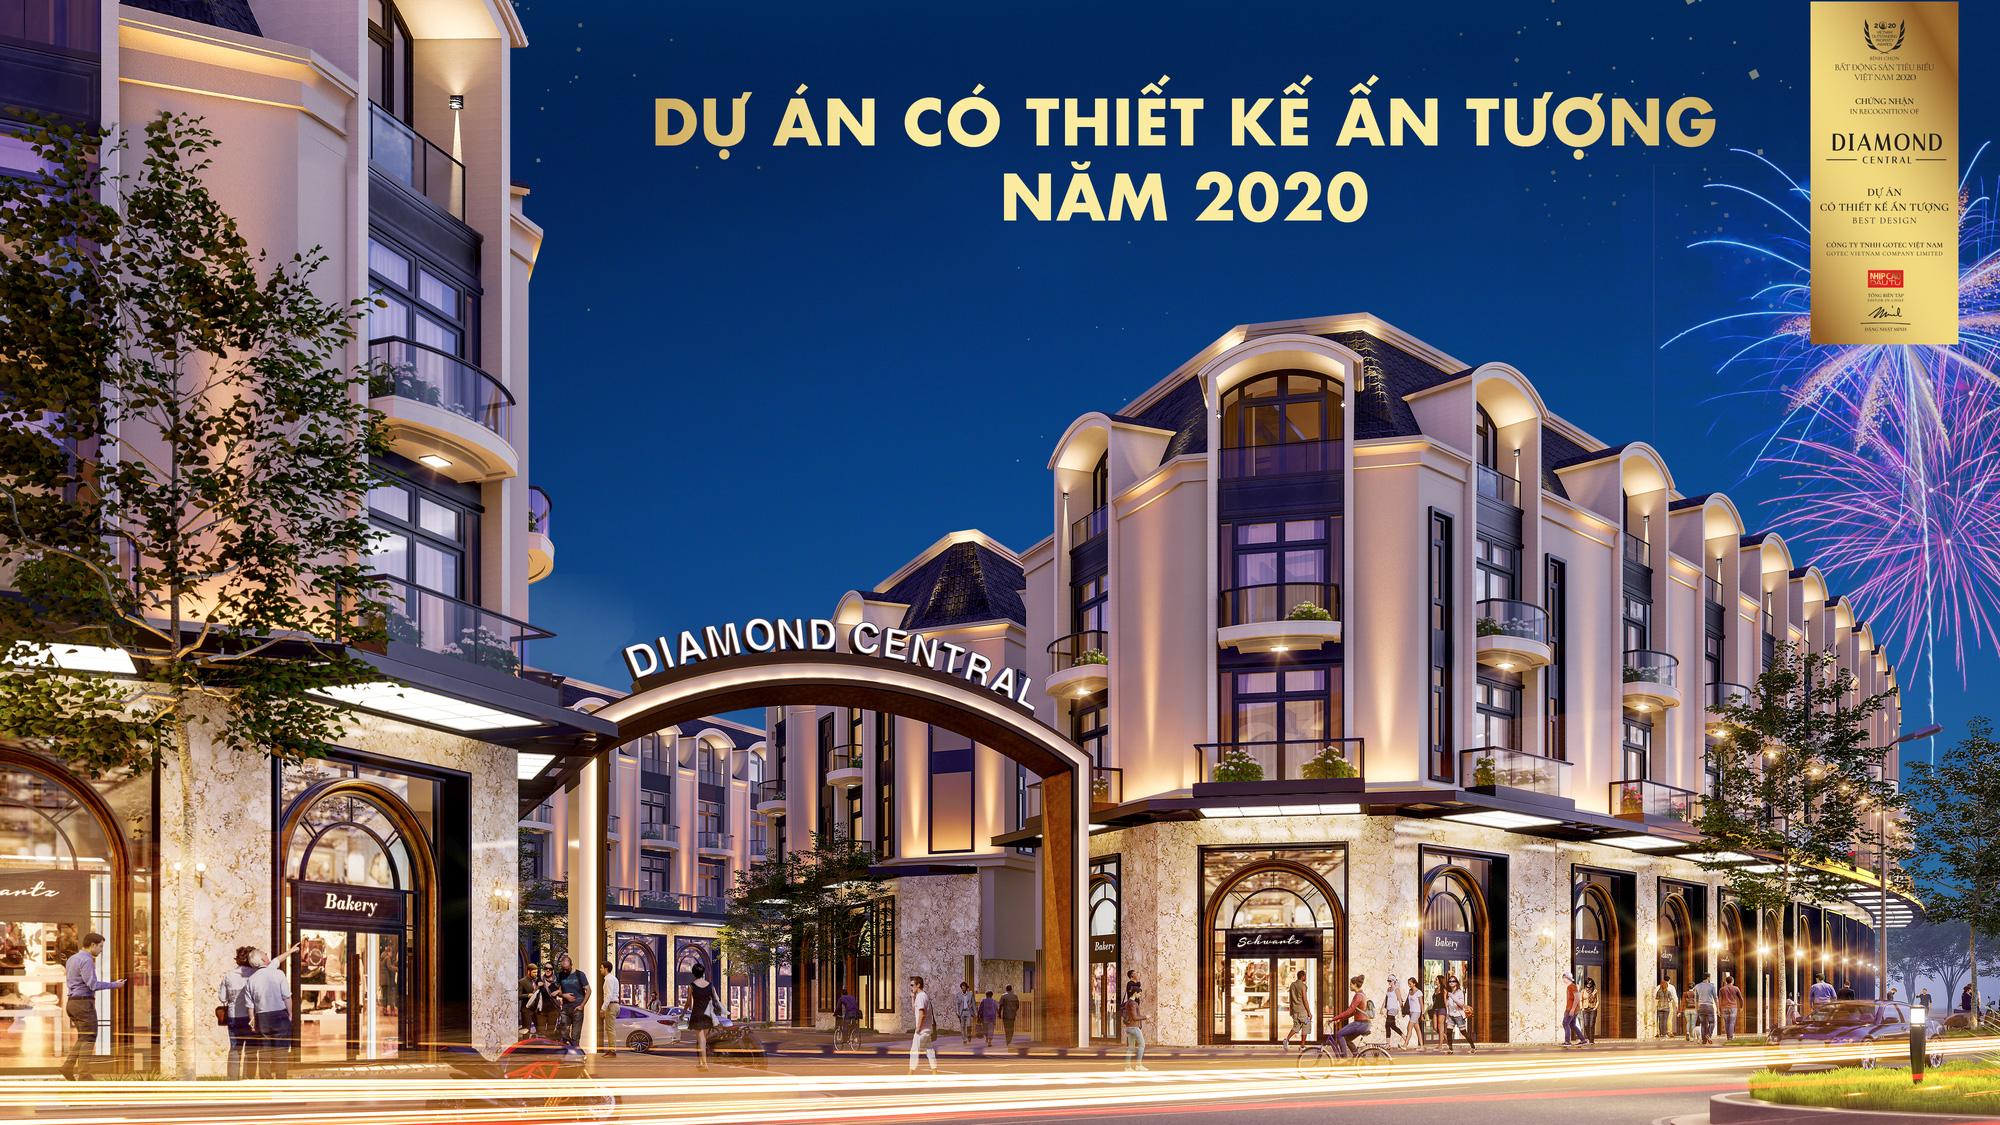 Gotec Land - Đề ra chiến lược nhà phát triển bất động sản mang đến giá trị bền vững - Ảnh 7.